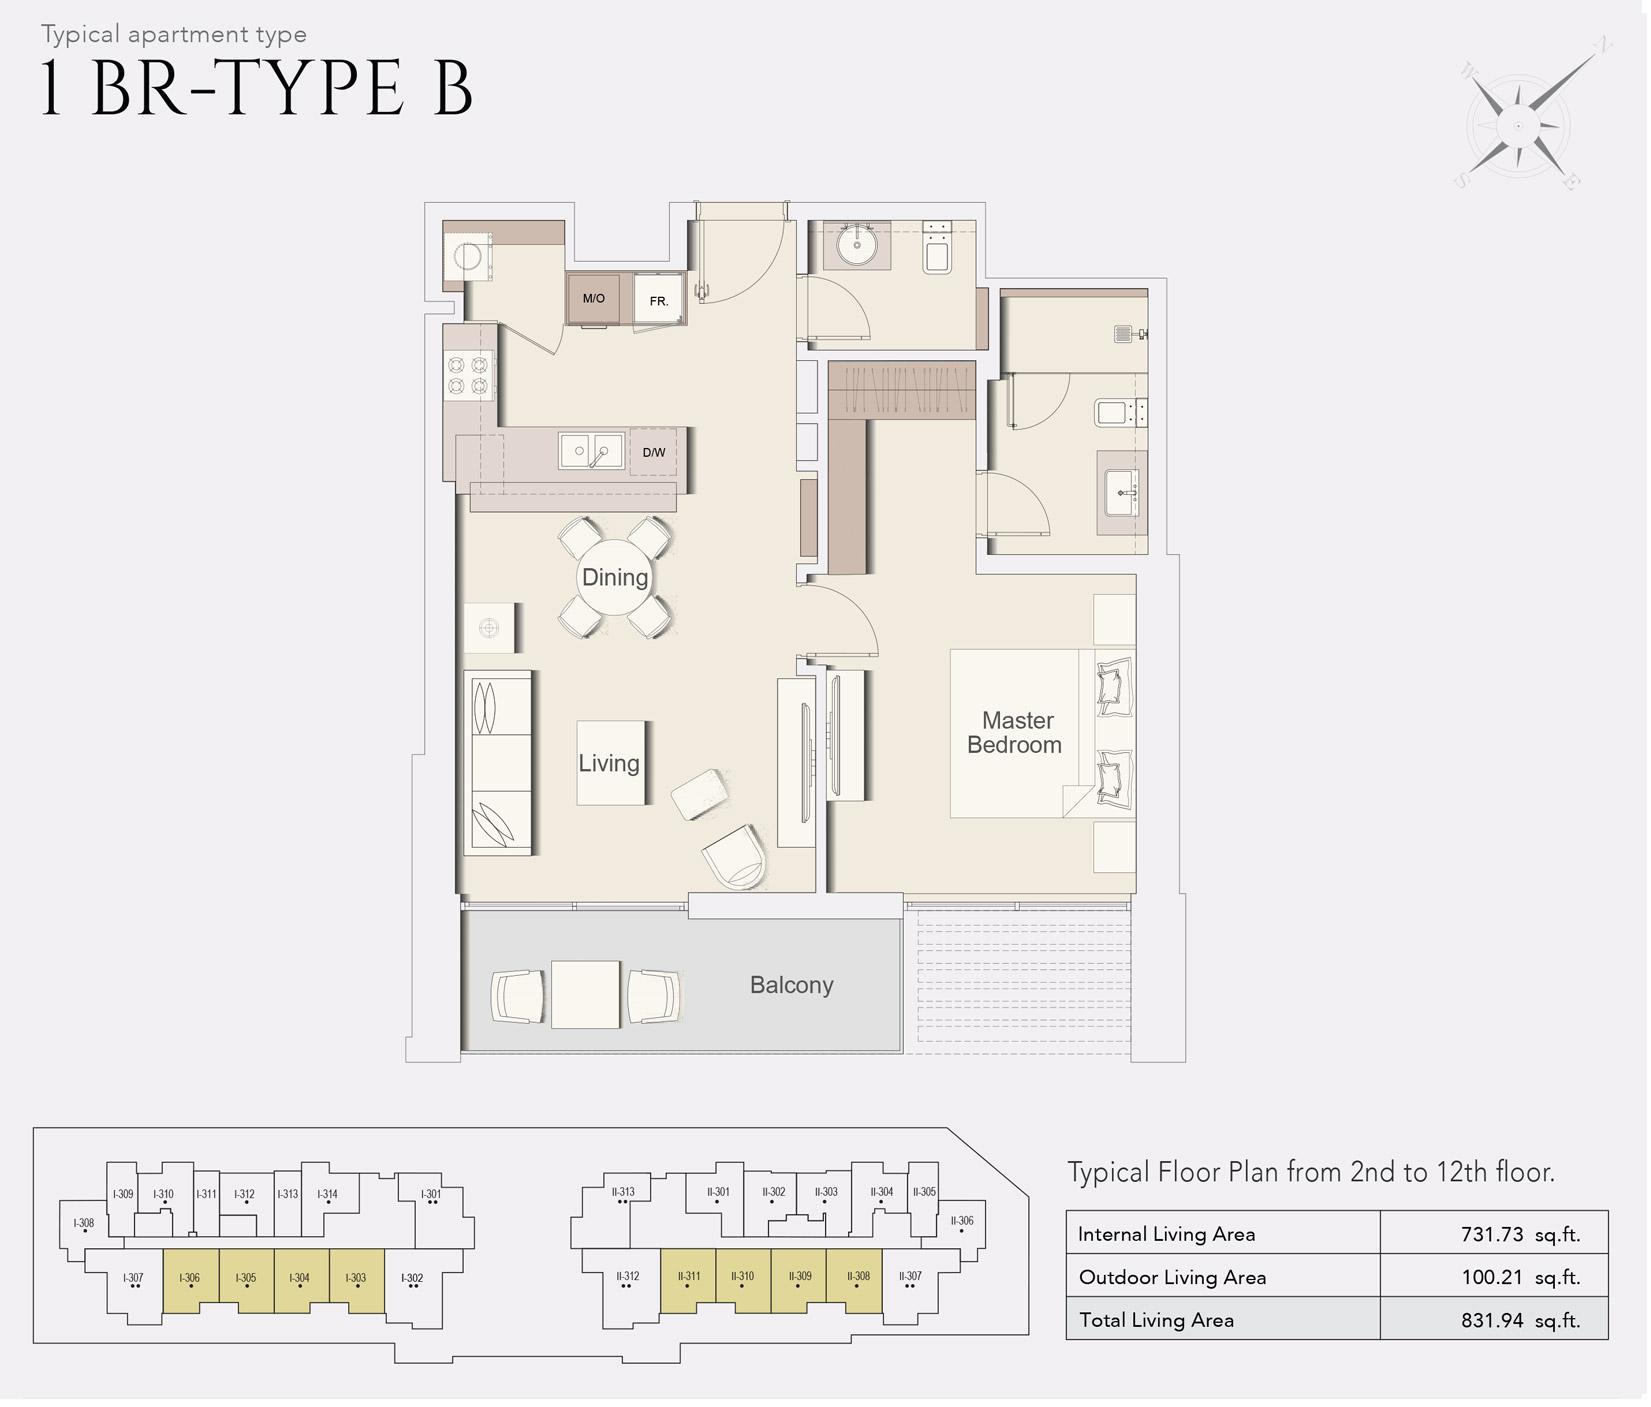 غرفة نوم واحدة، نوع B، حجم 831 قدم مربع